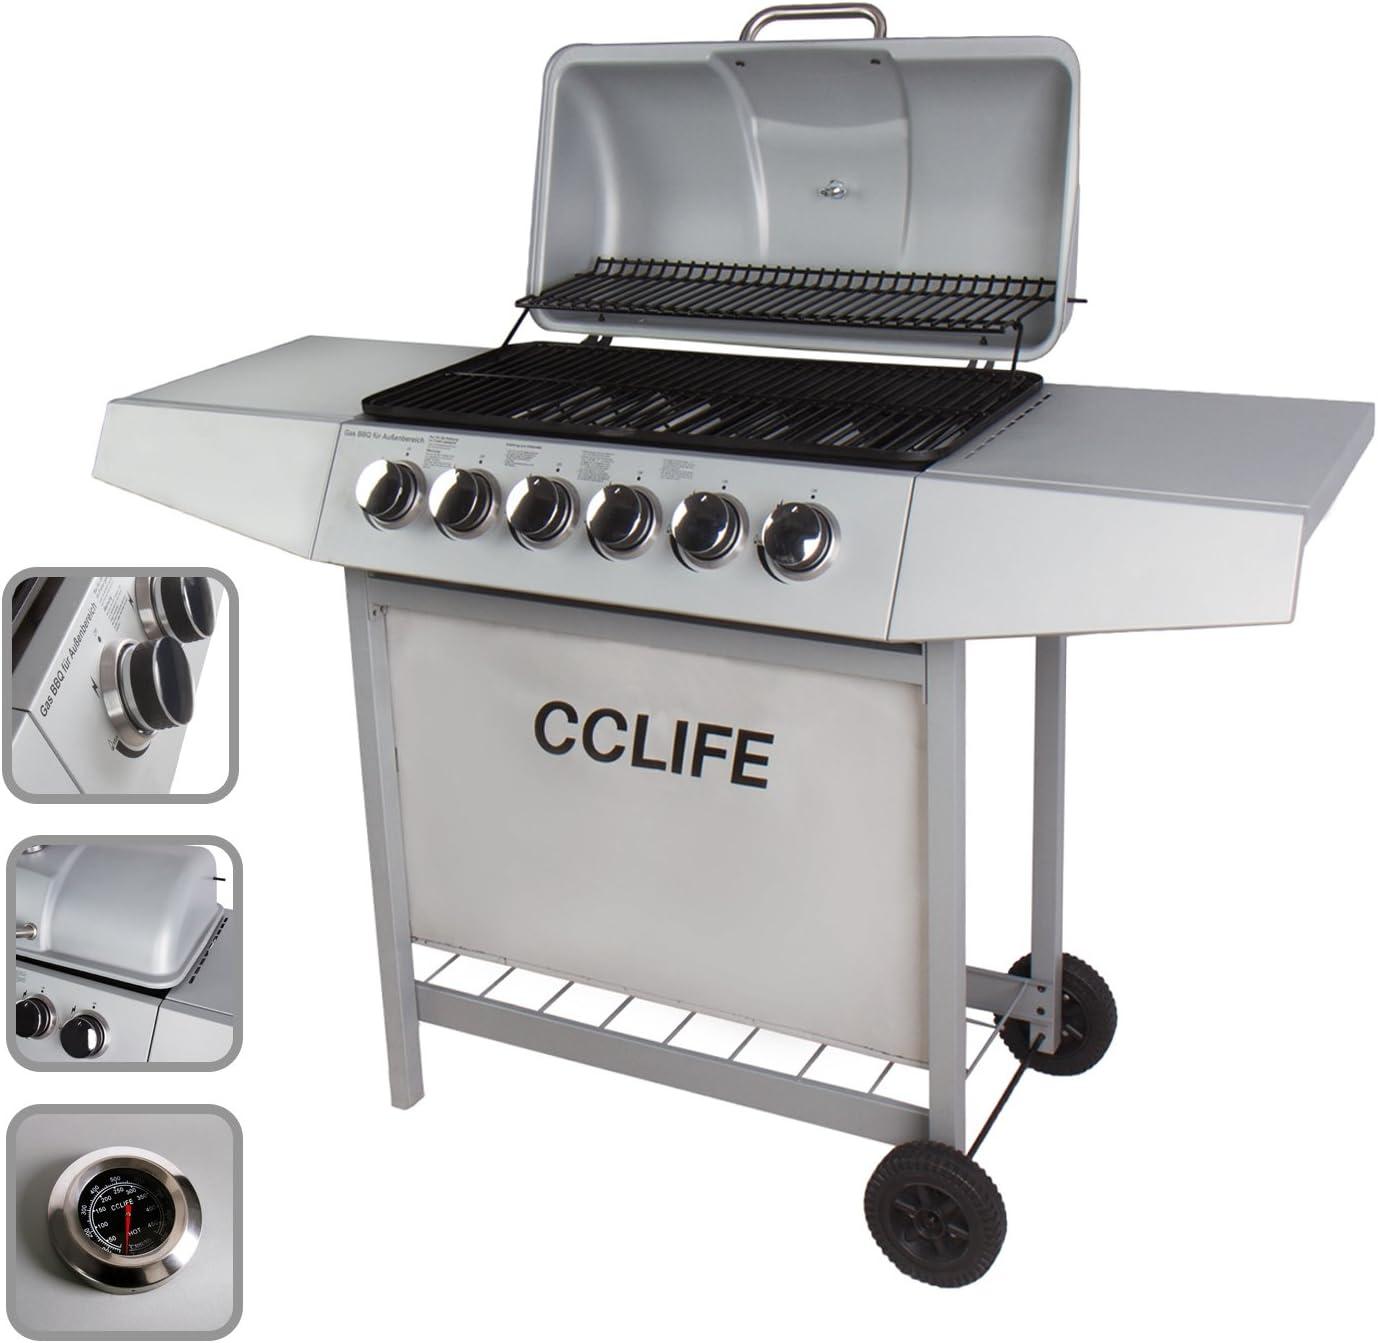 Colore:2+1 Nero CCLIFE BBQ Barbecue griglia Giardino Barbecue a Gas con 2+1bruciatori Principali